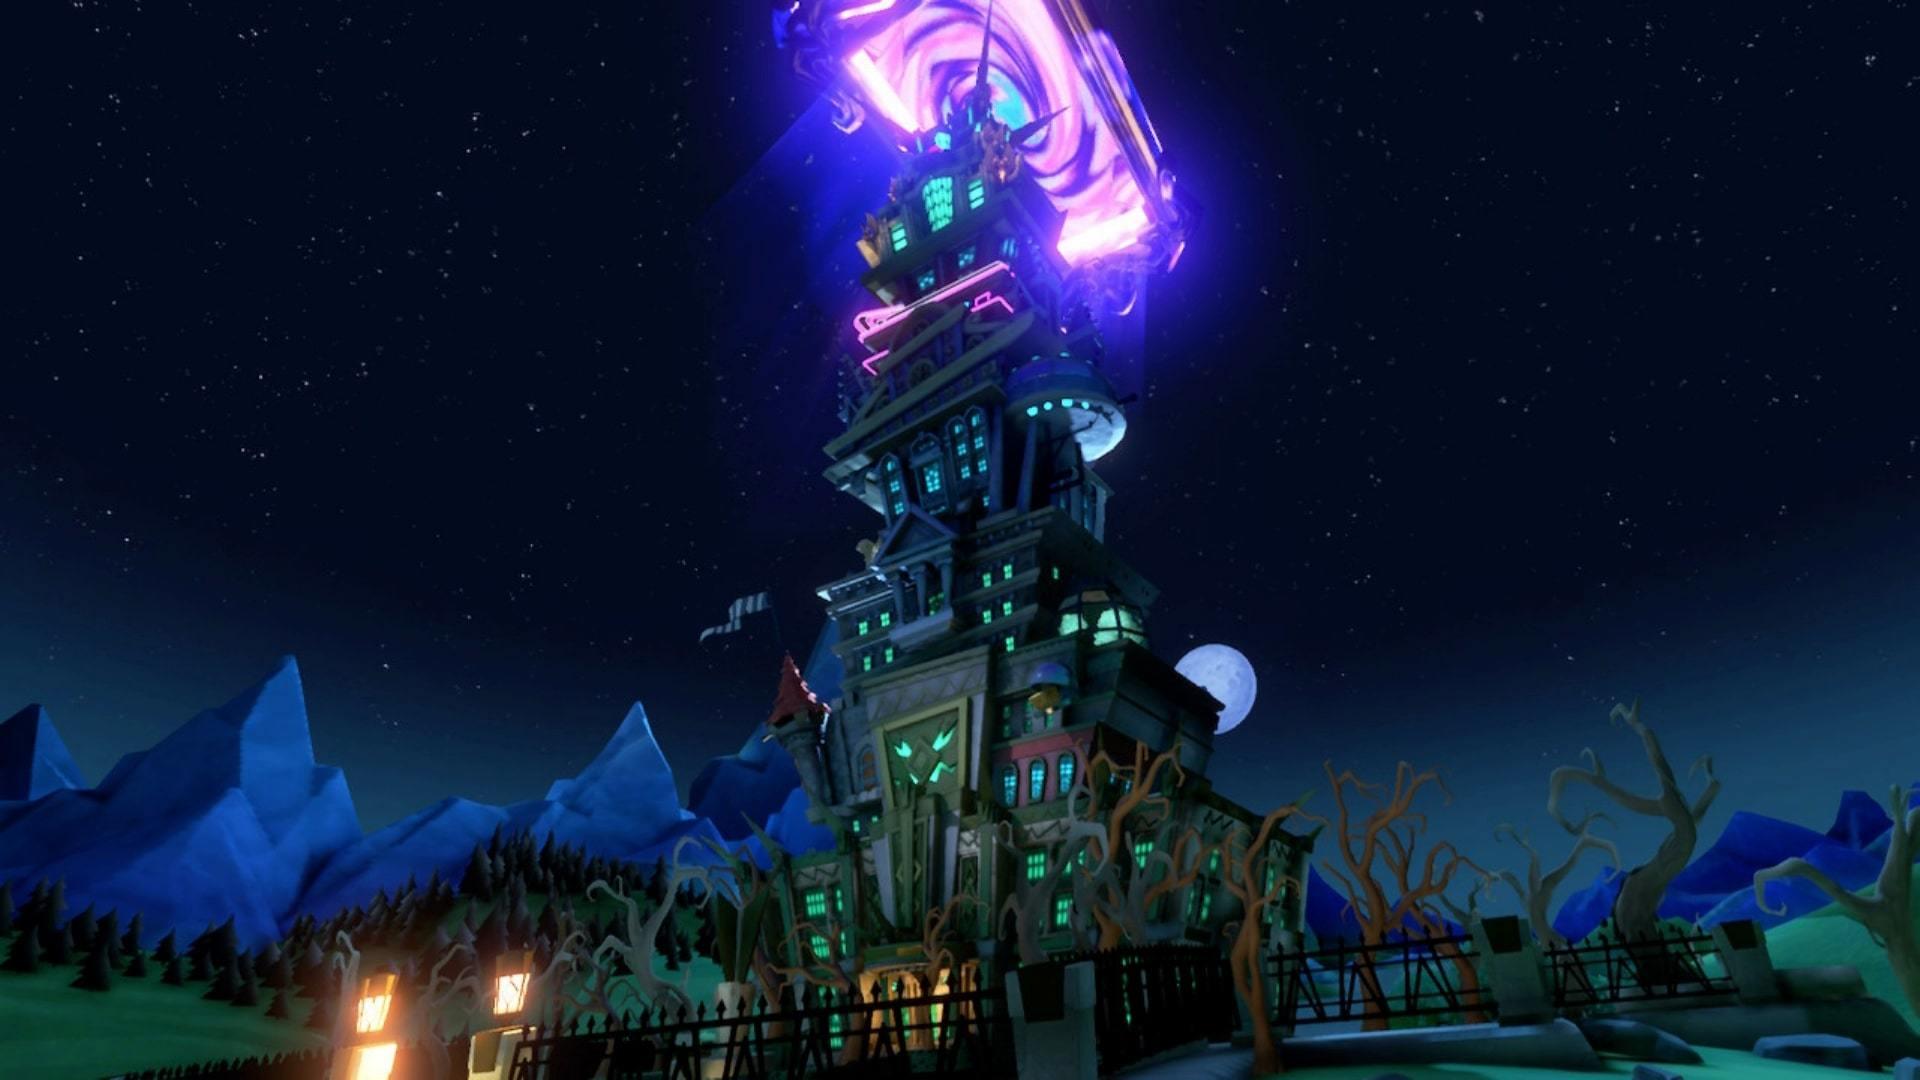 Обзор Luigi's Mansion 3 — пожалуй, лучший подарок на Хэллоуин